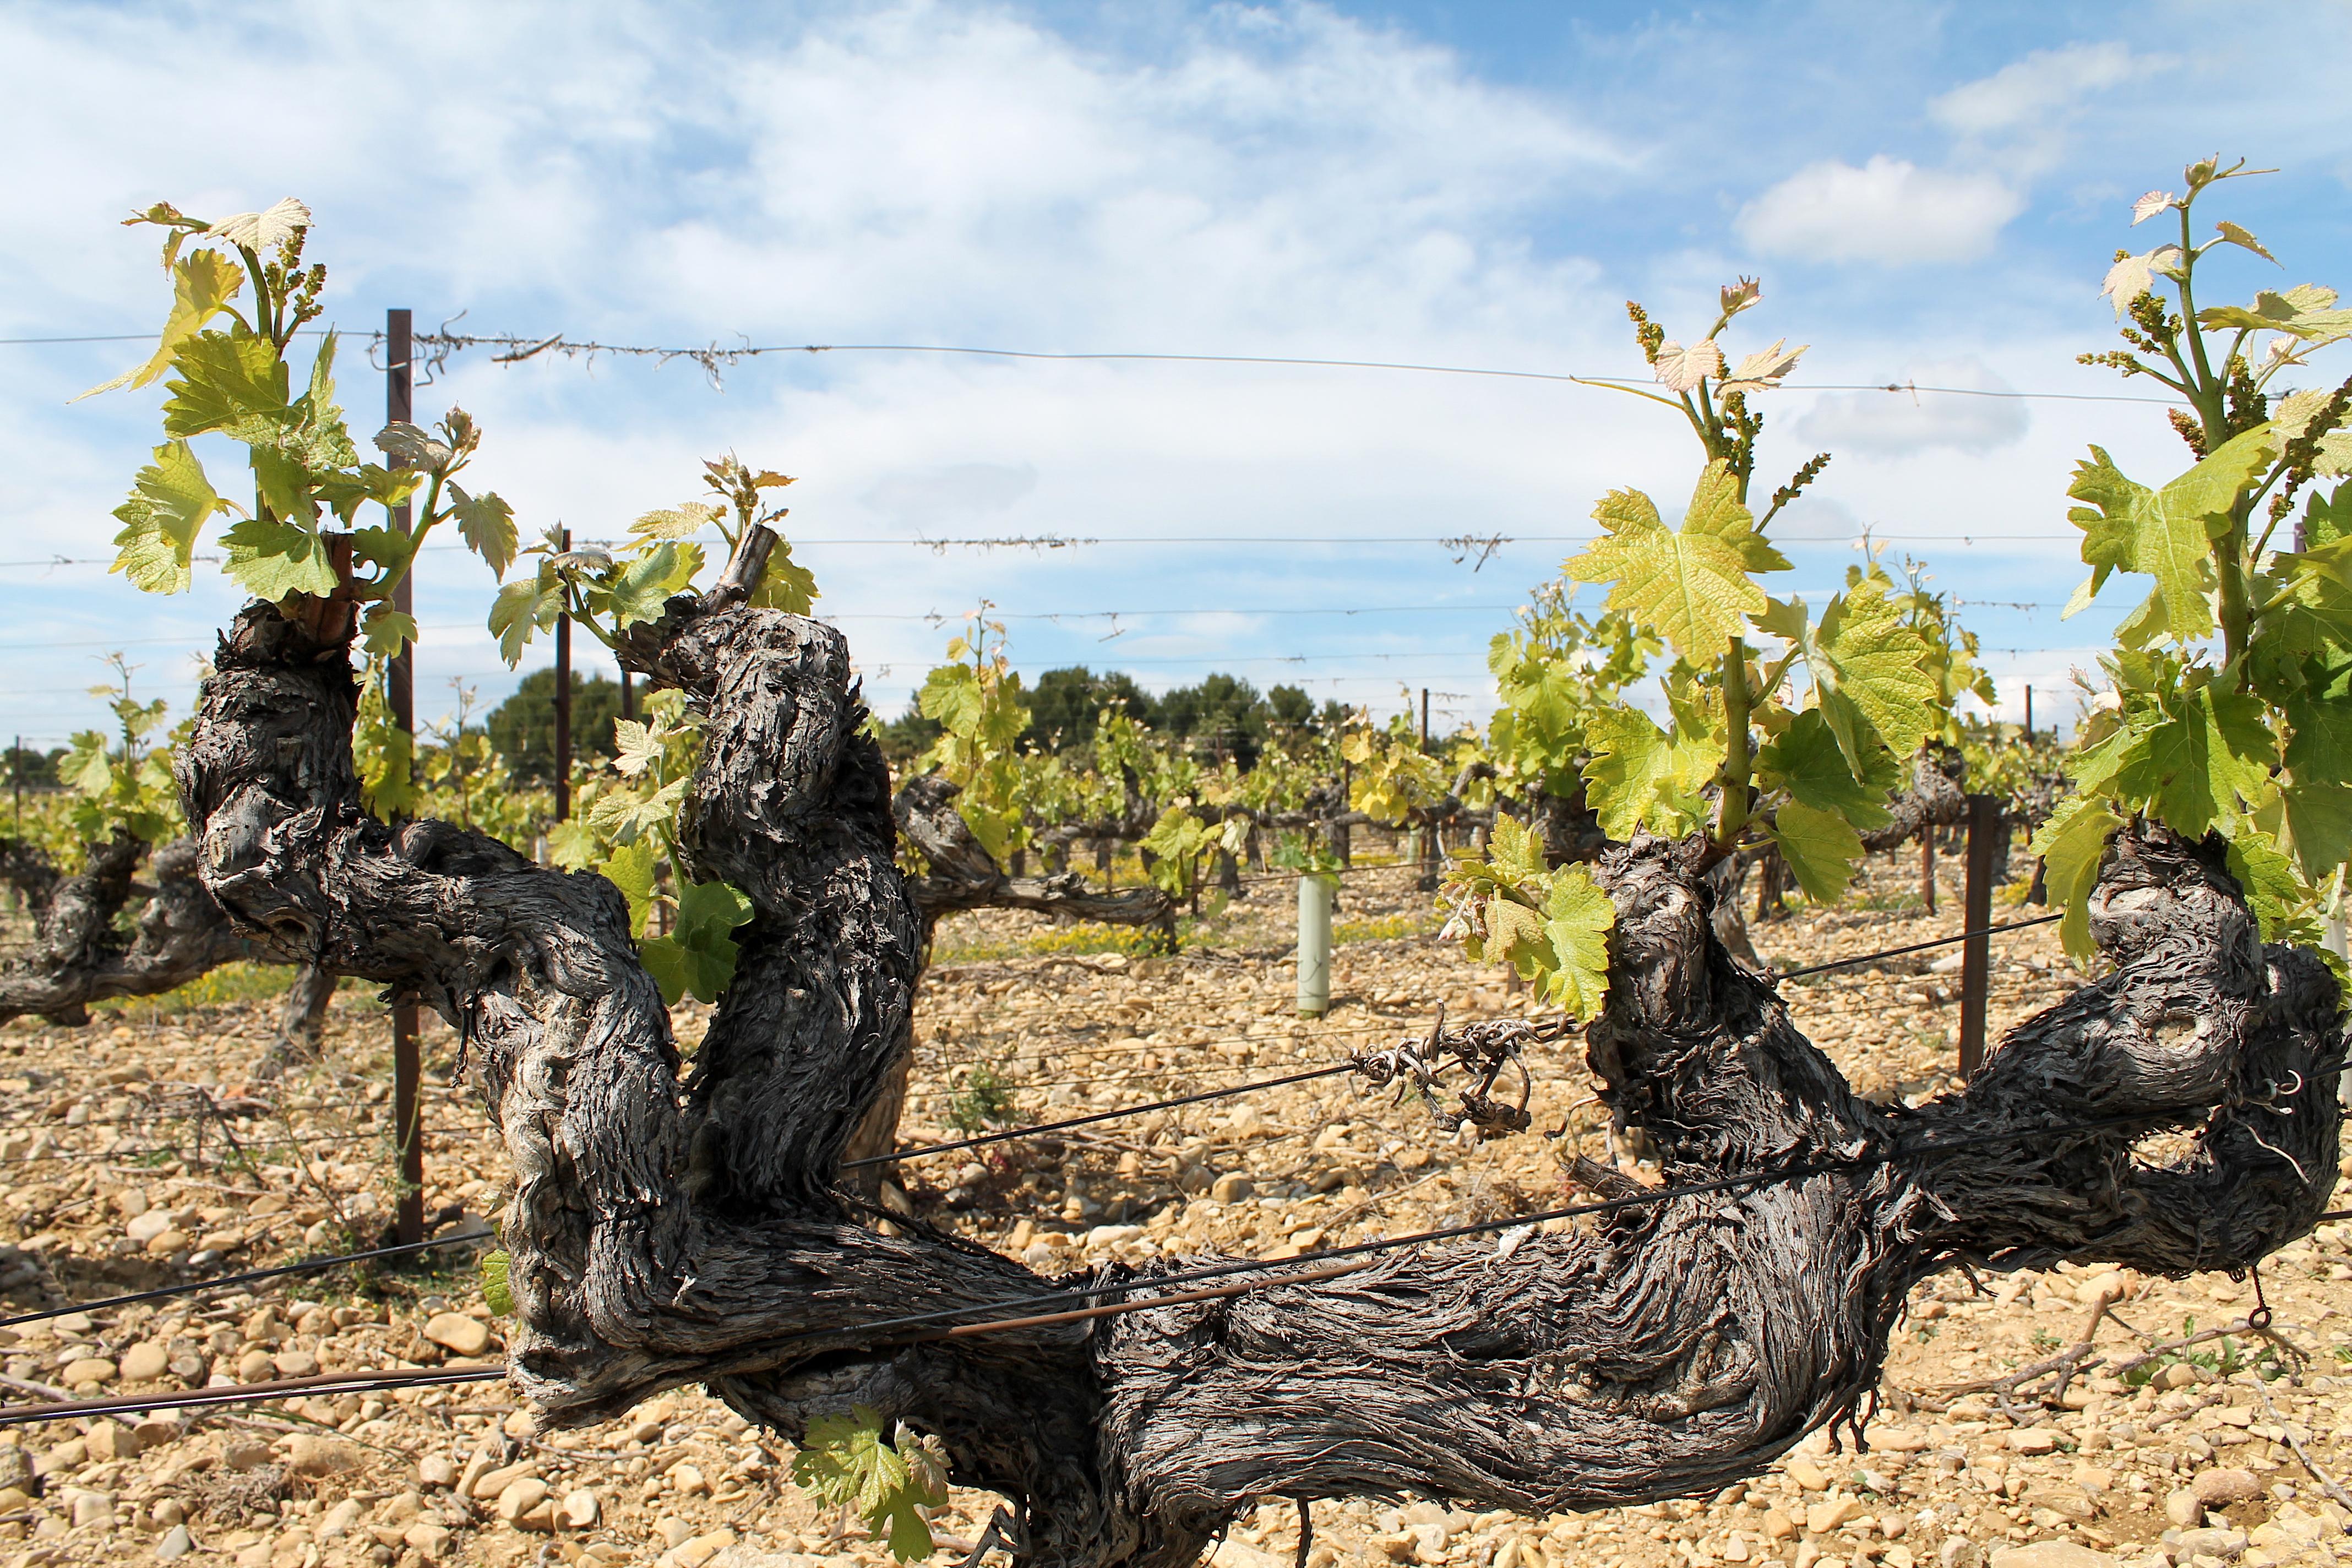 Französischer Wein - Appellation, Villages, Cru...